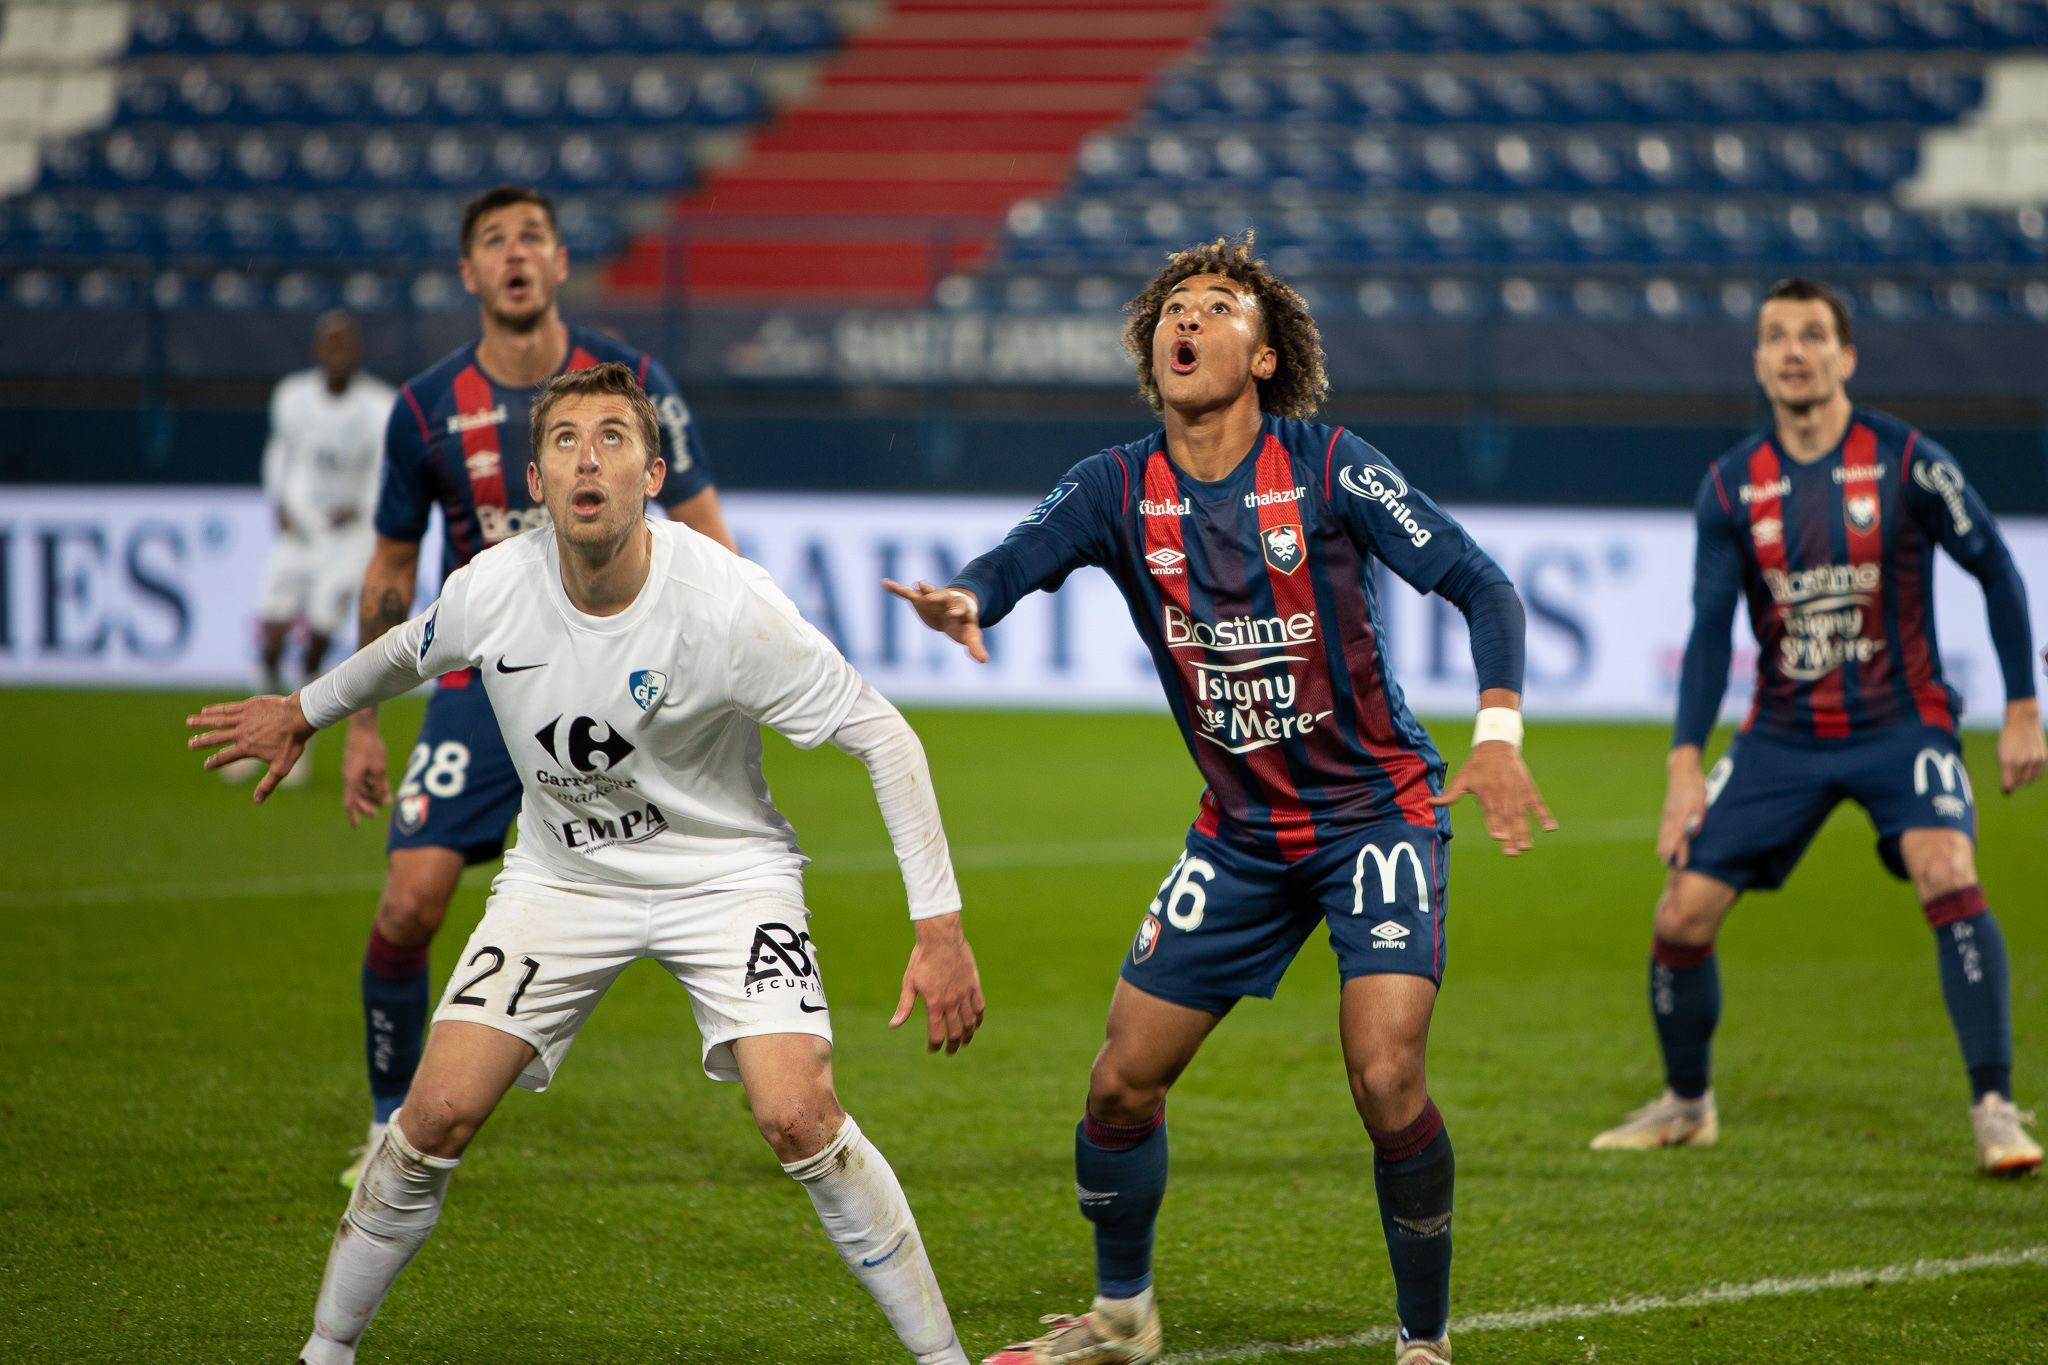 Grenoble – Caen : les compositions d'équipes probables selon la presse